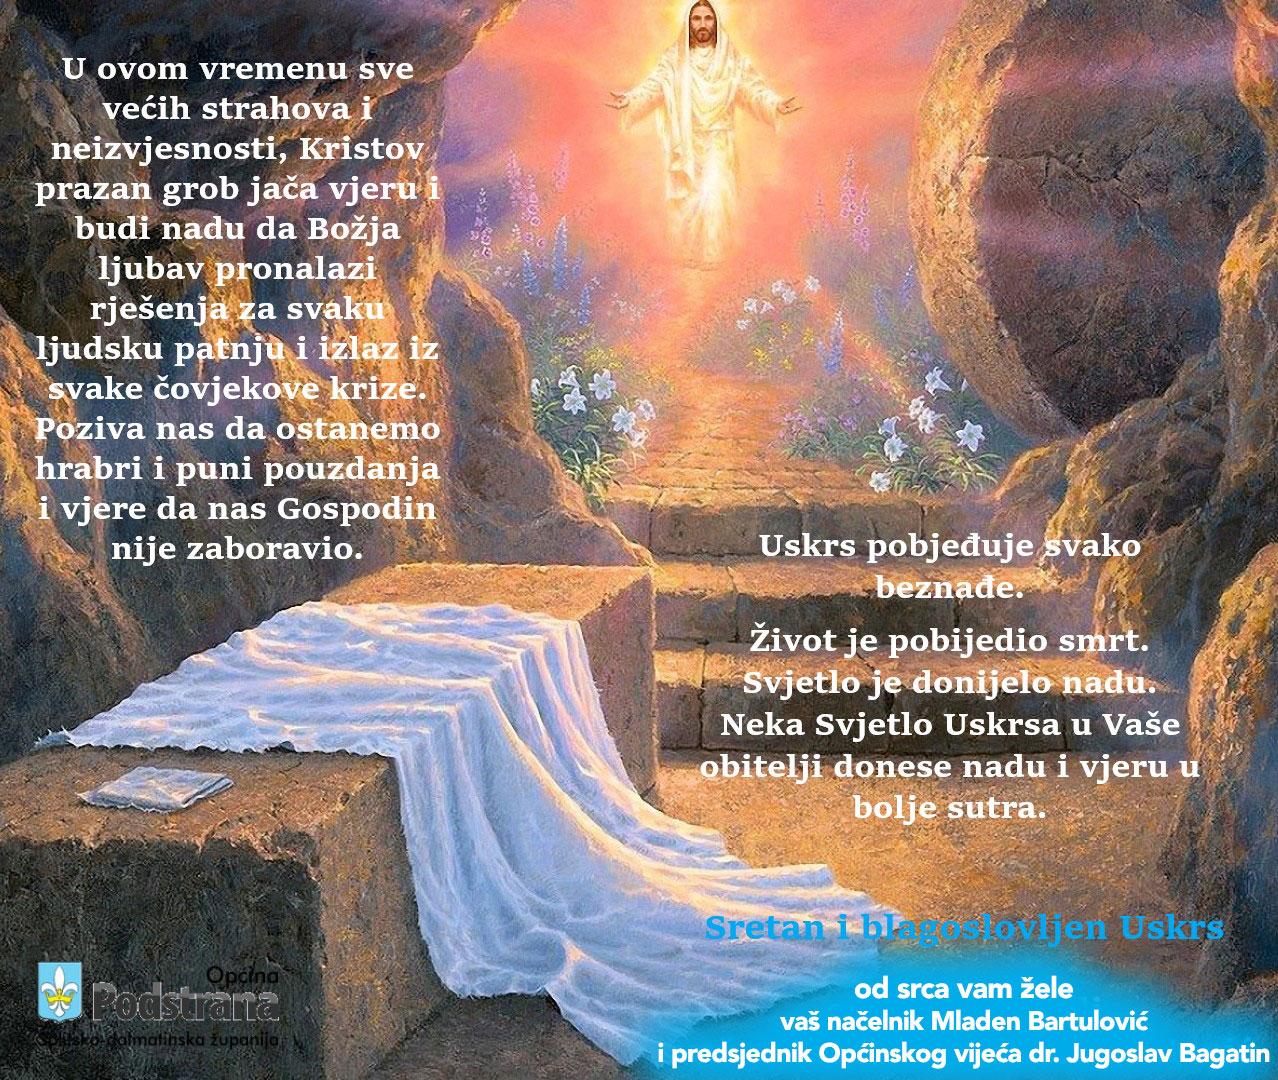 Čestit i blagoslovljen Uskrs!